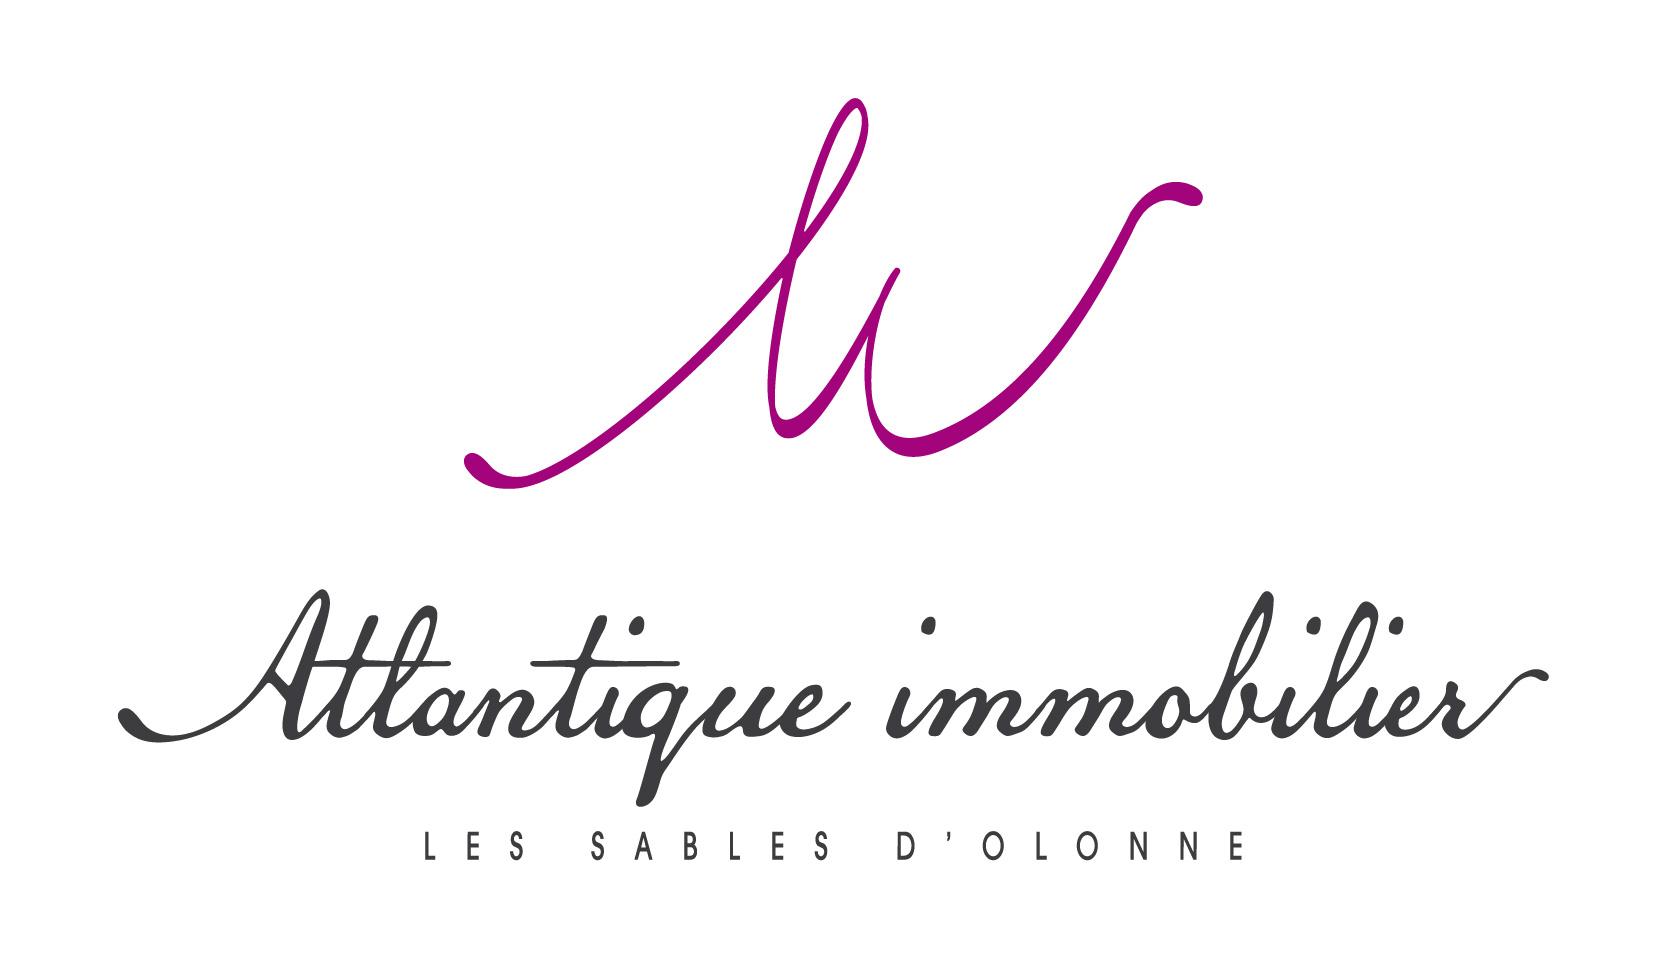 Atlantique Immobilier agence immobilière Les Sables-d'Olonne (85100)